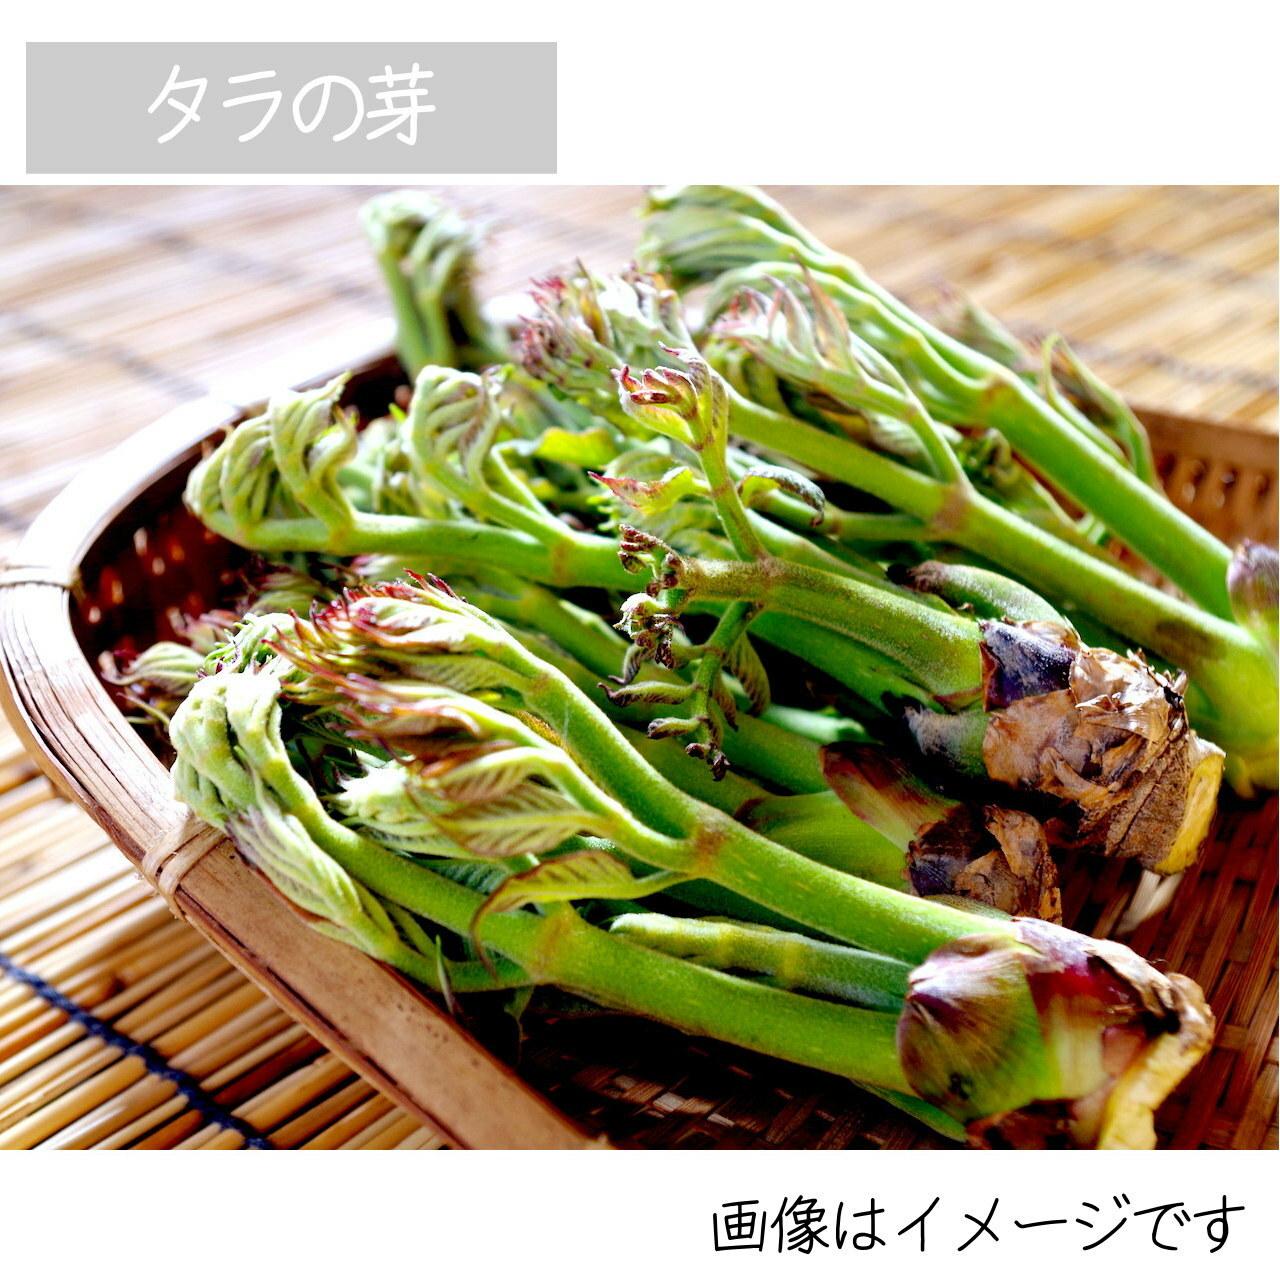 山菜 わらび  5月の朝採り直売野菜 5月18日発送予定